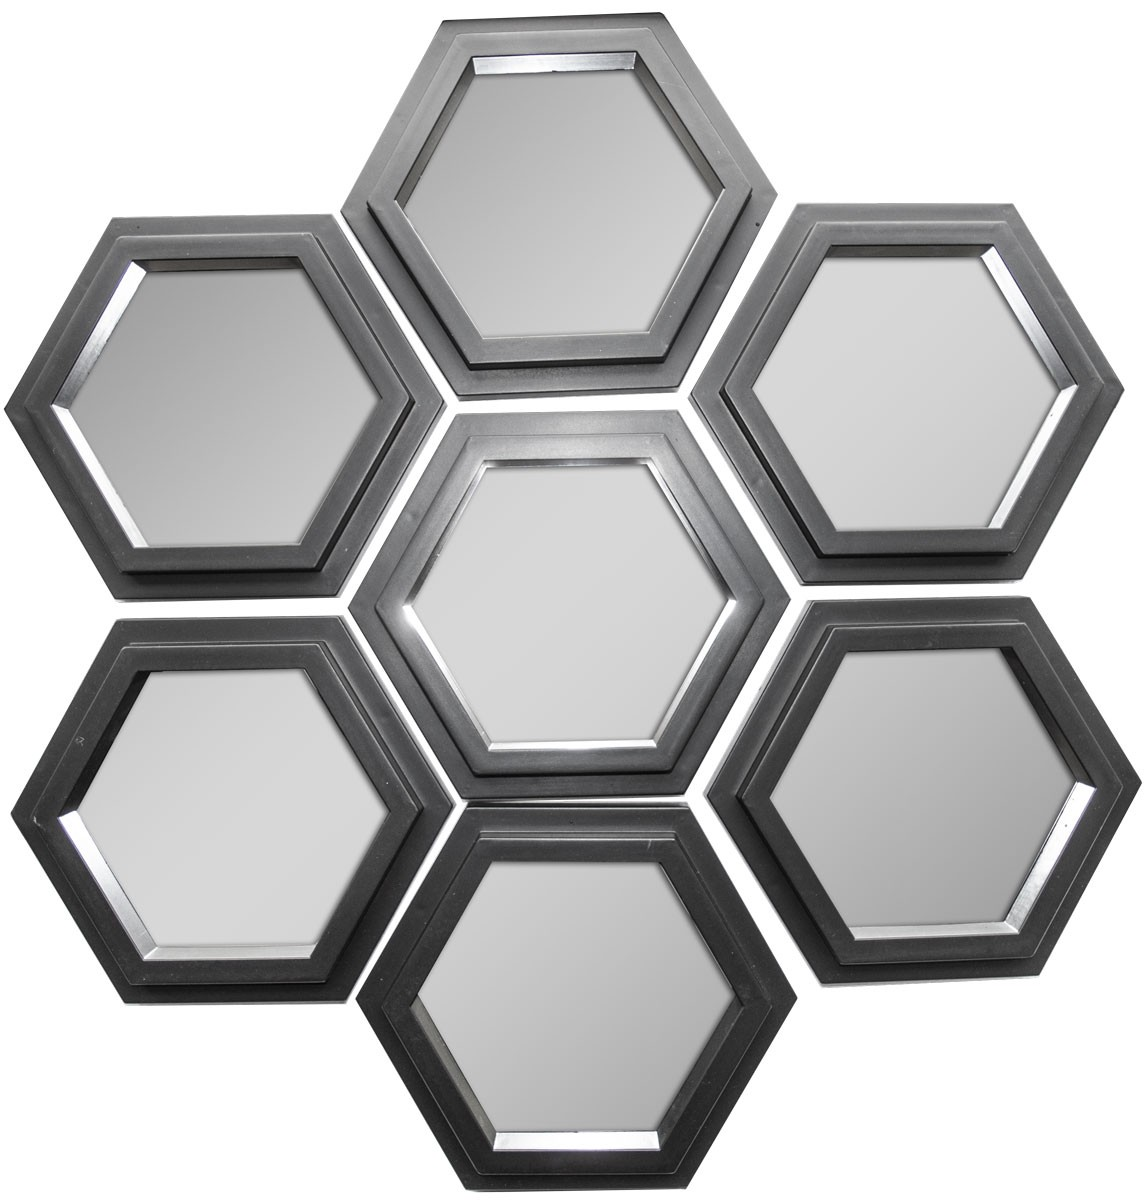 miroir hexagonal x7 noir 20,5x23 cm